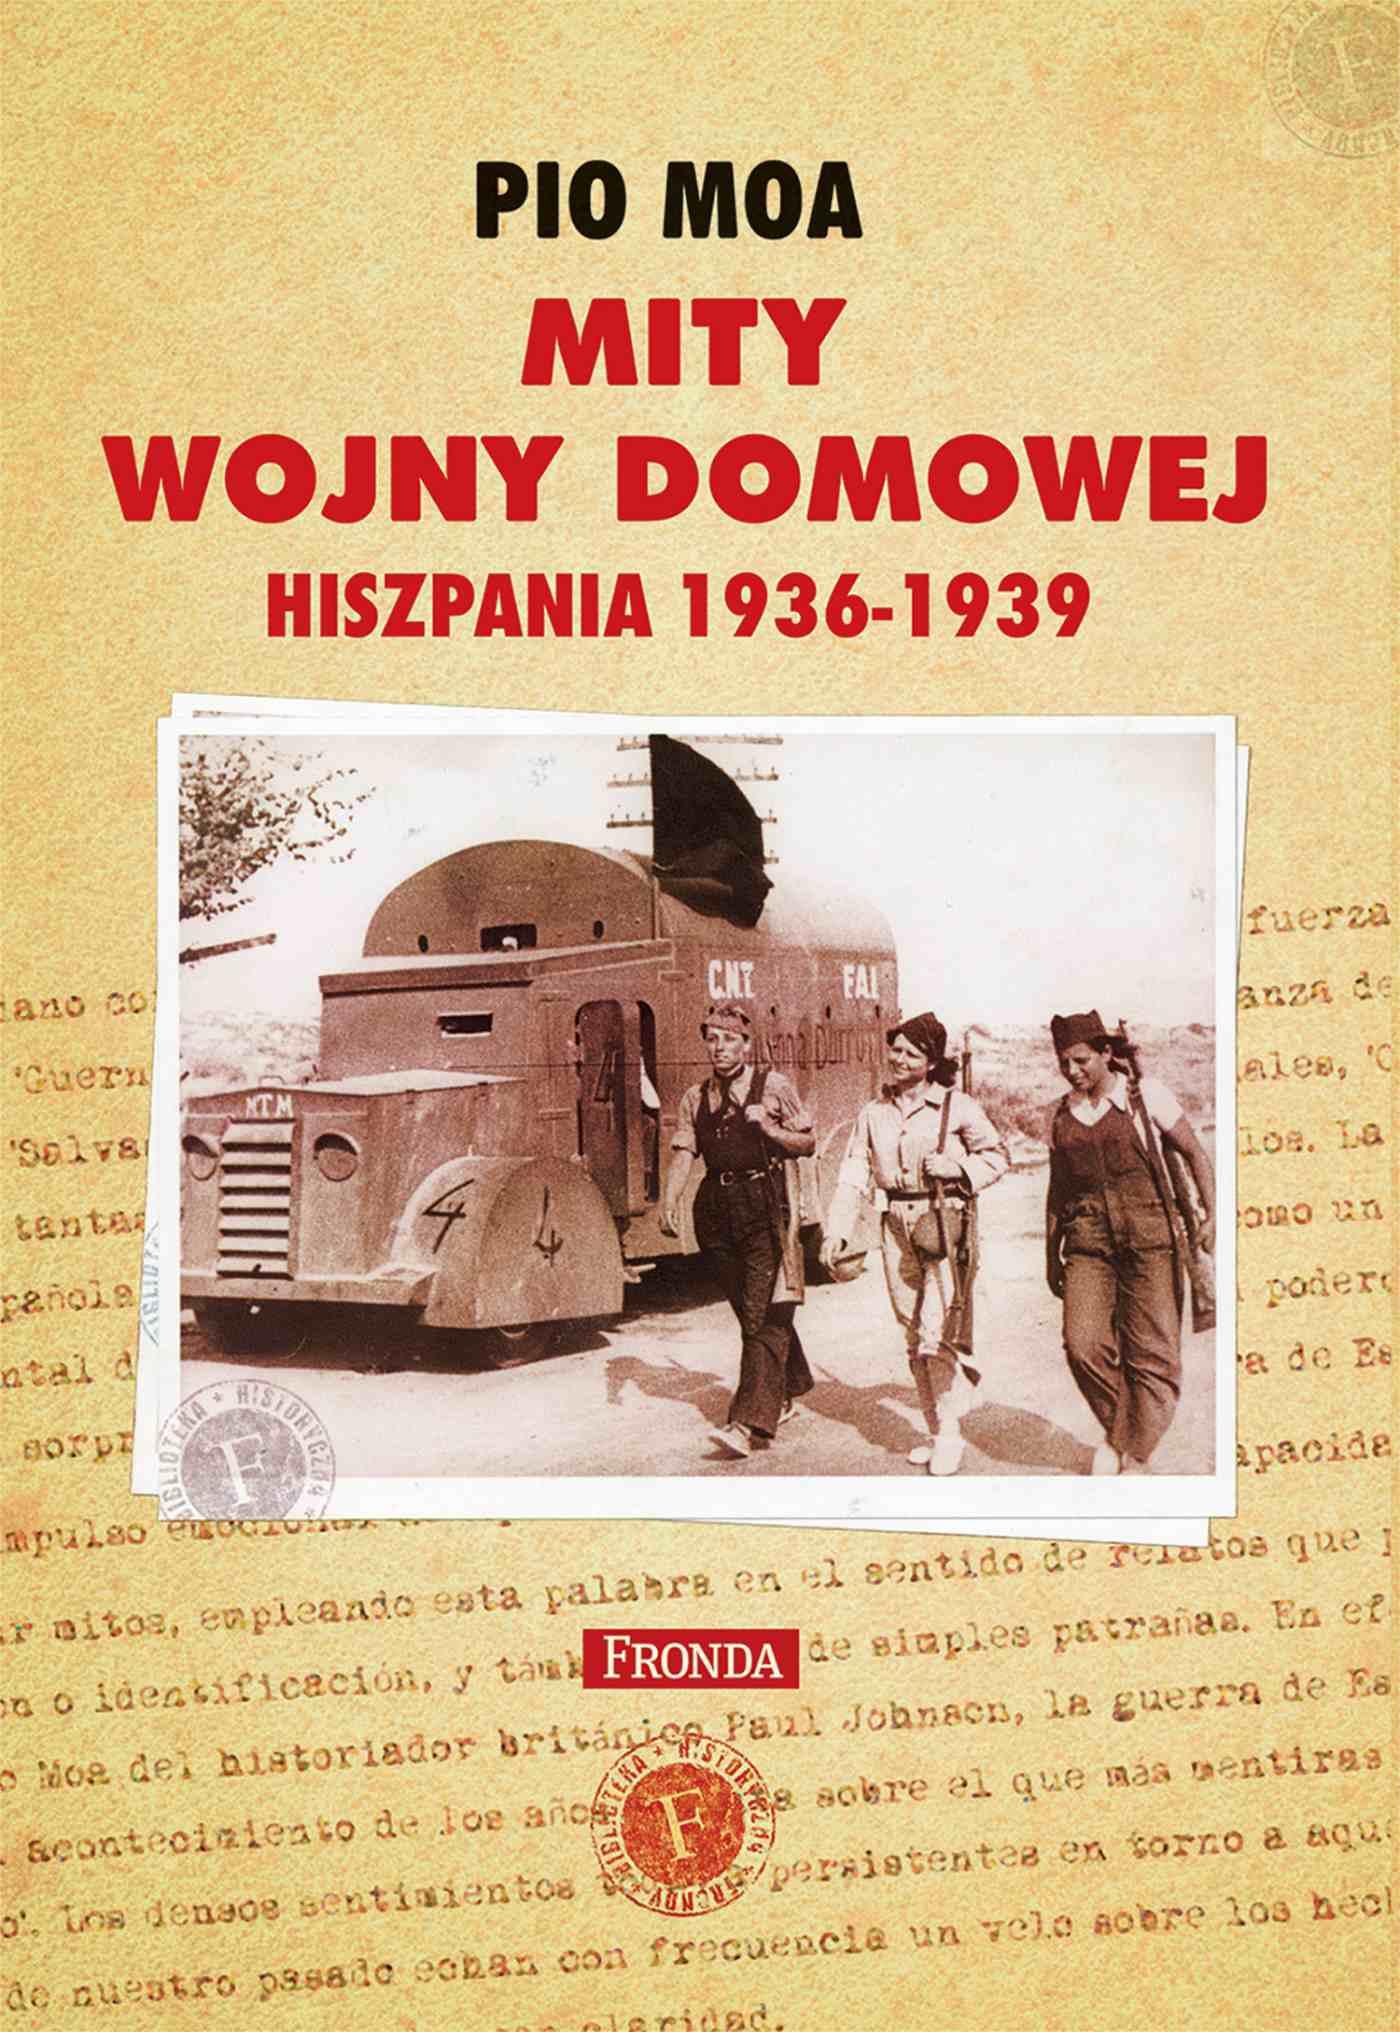 Mity Wojny domowej Hiszpania 1936-1939 - Pio Moa